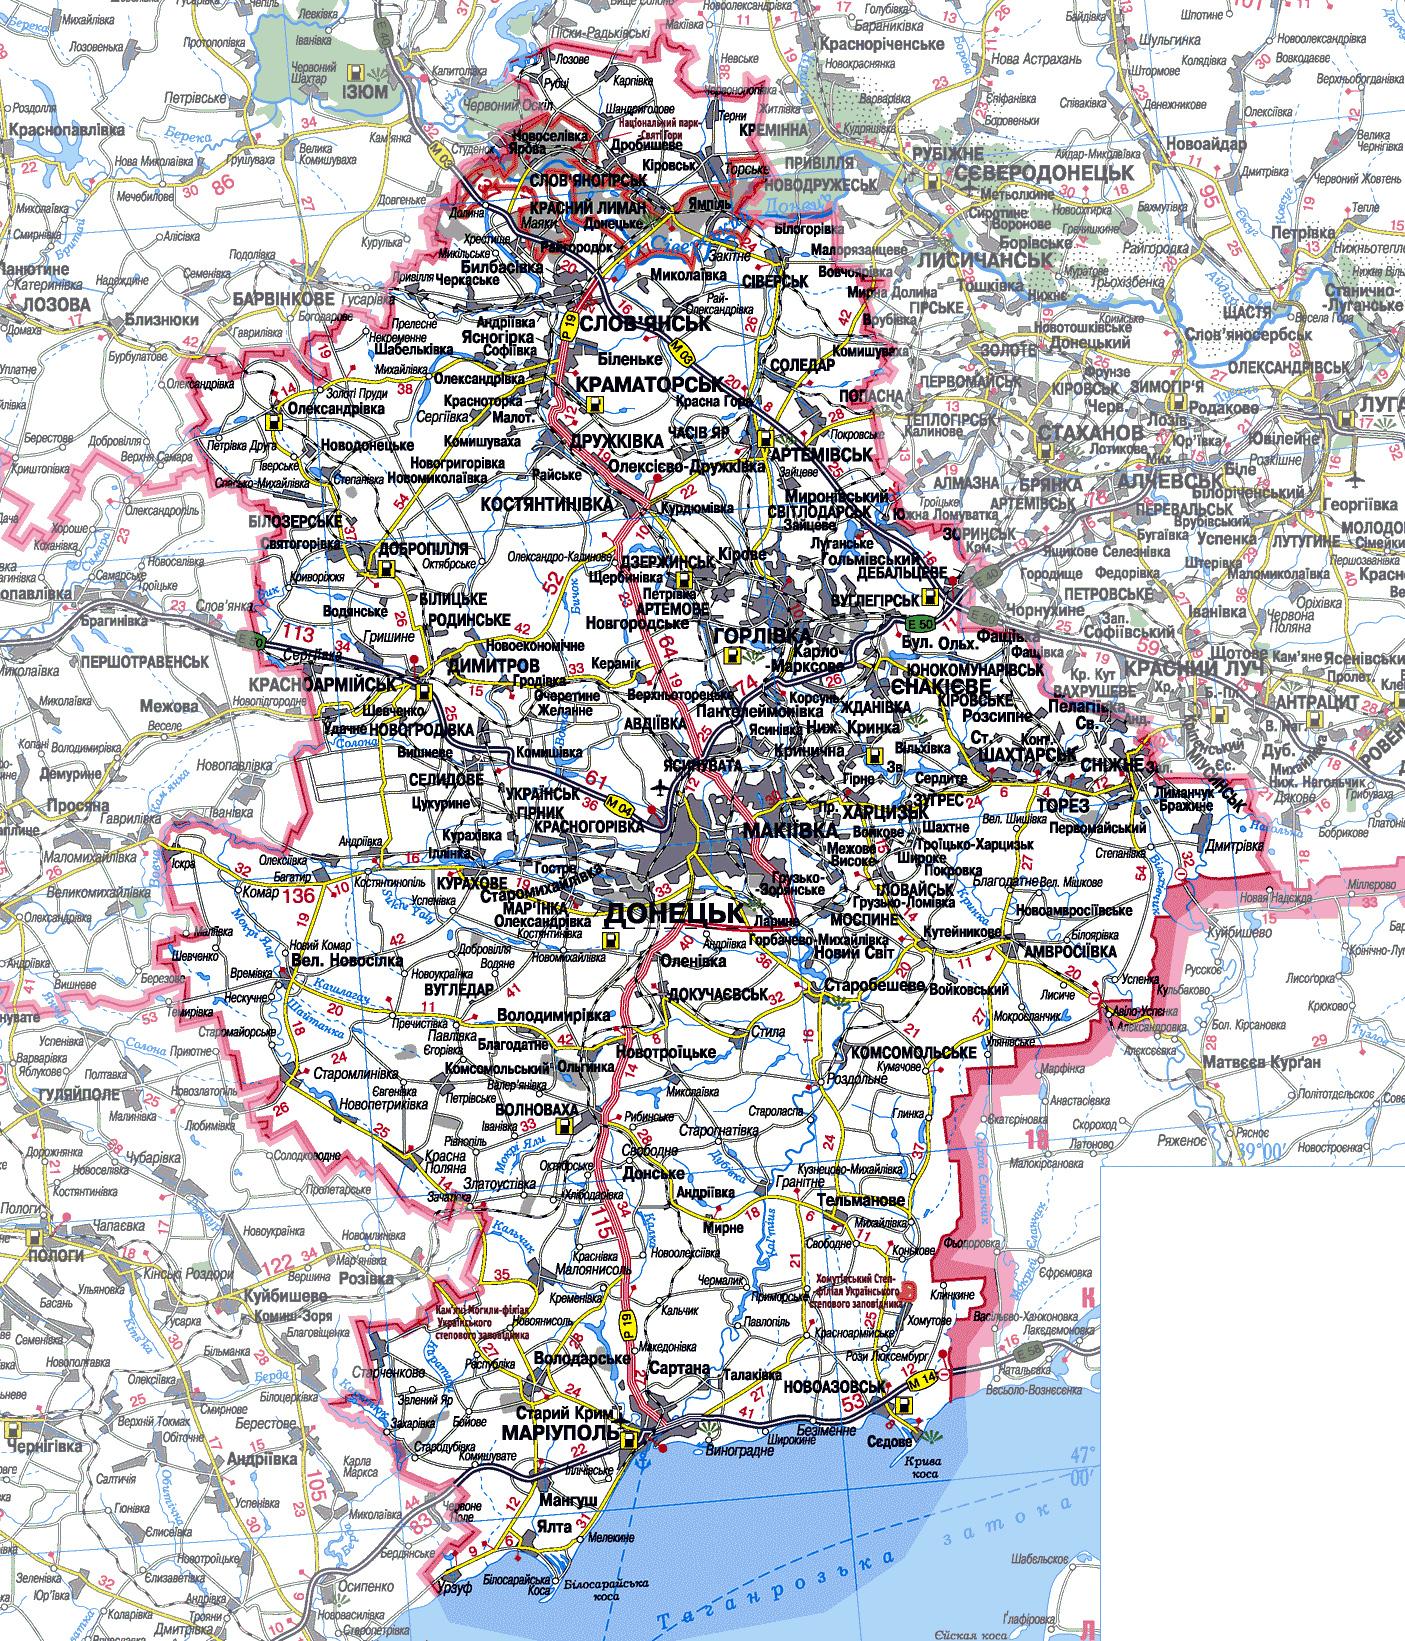 Карта транспортного сообщения Донецкой области. Границы ...: http://www.ua-maps.com/map-42/